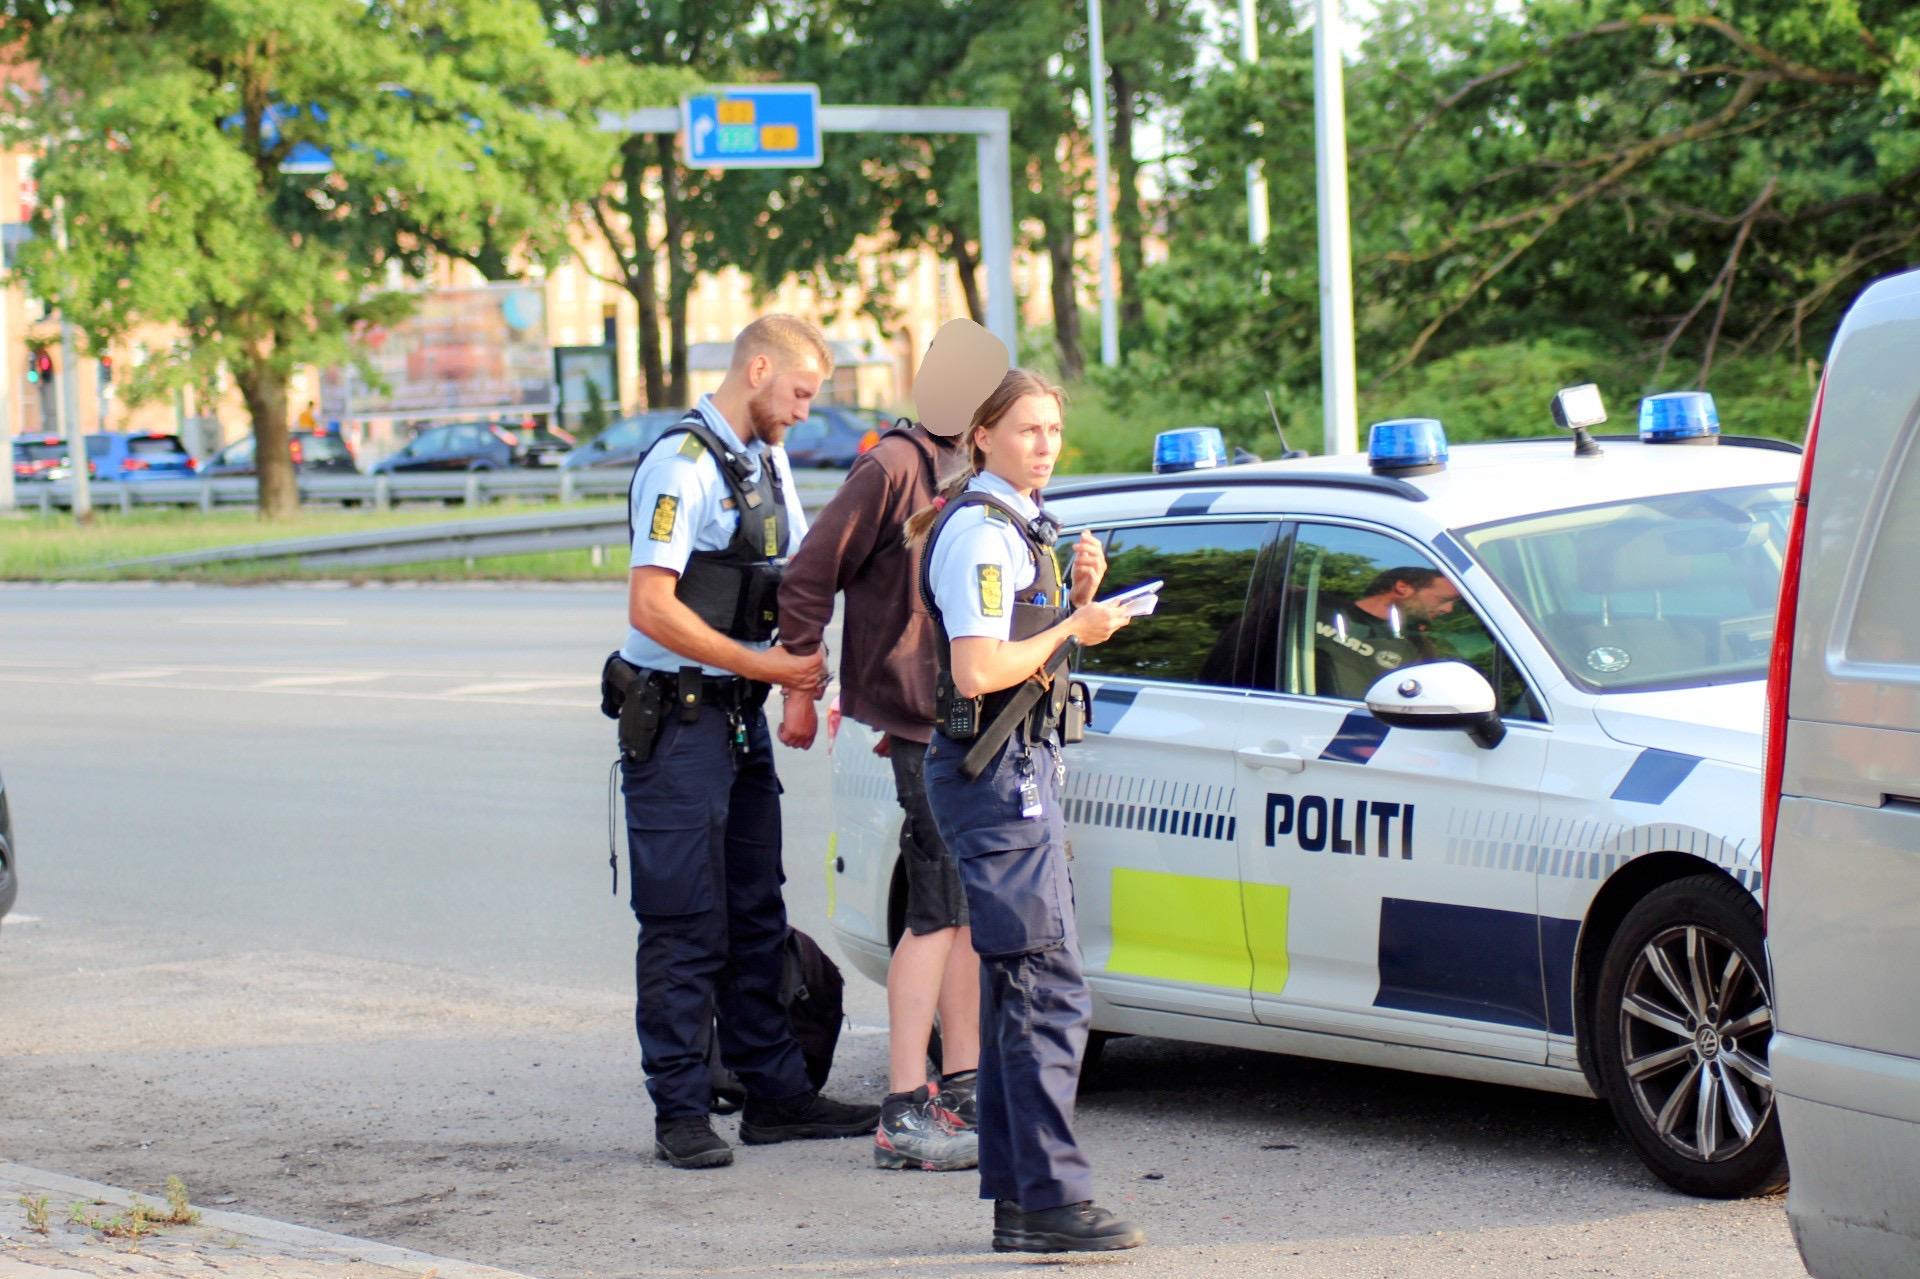 Anholdt for spirituskørsel foran politistation